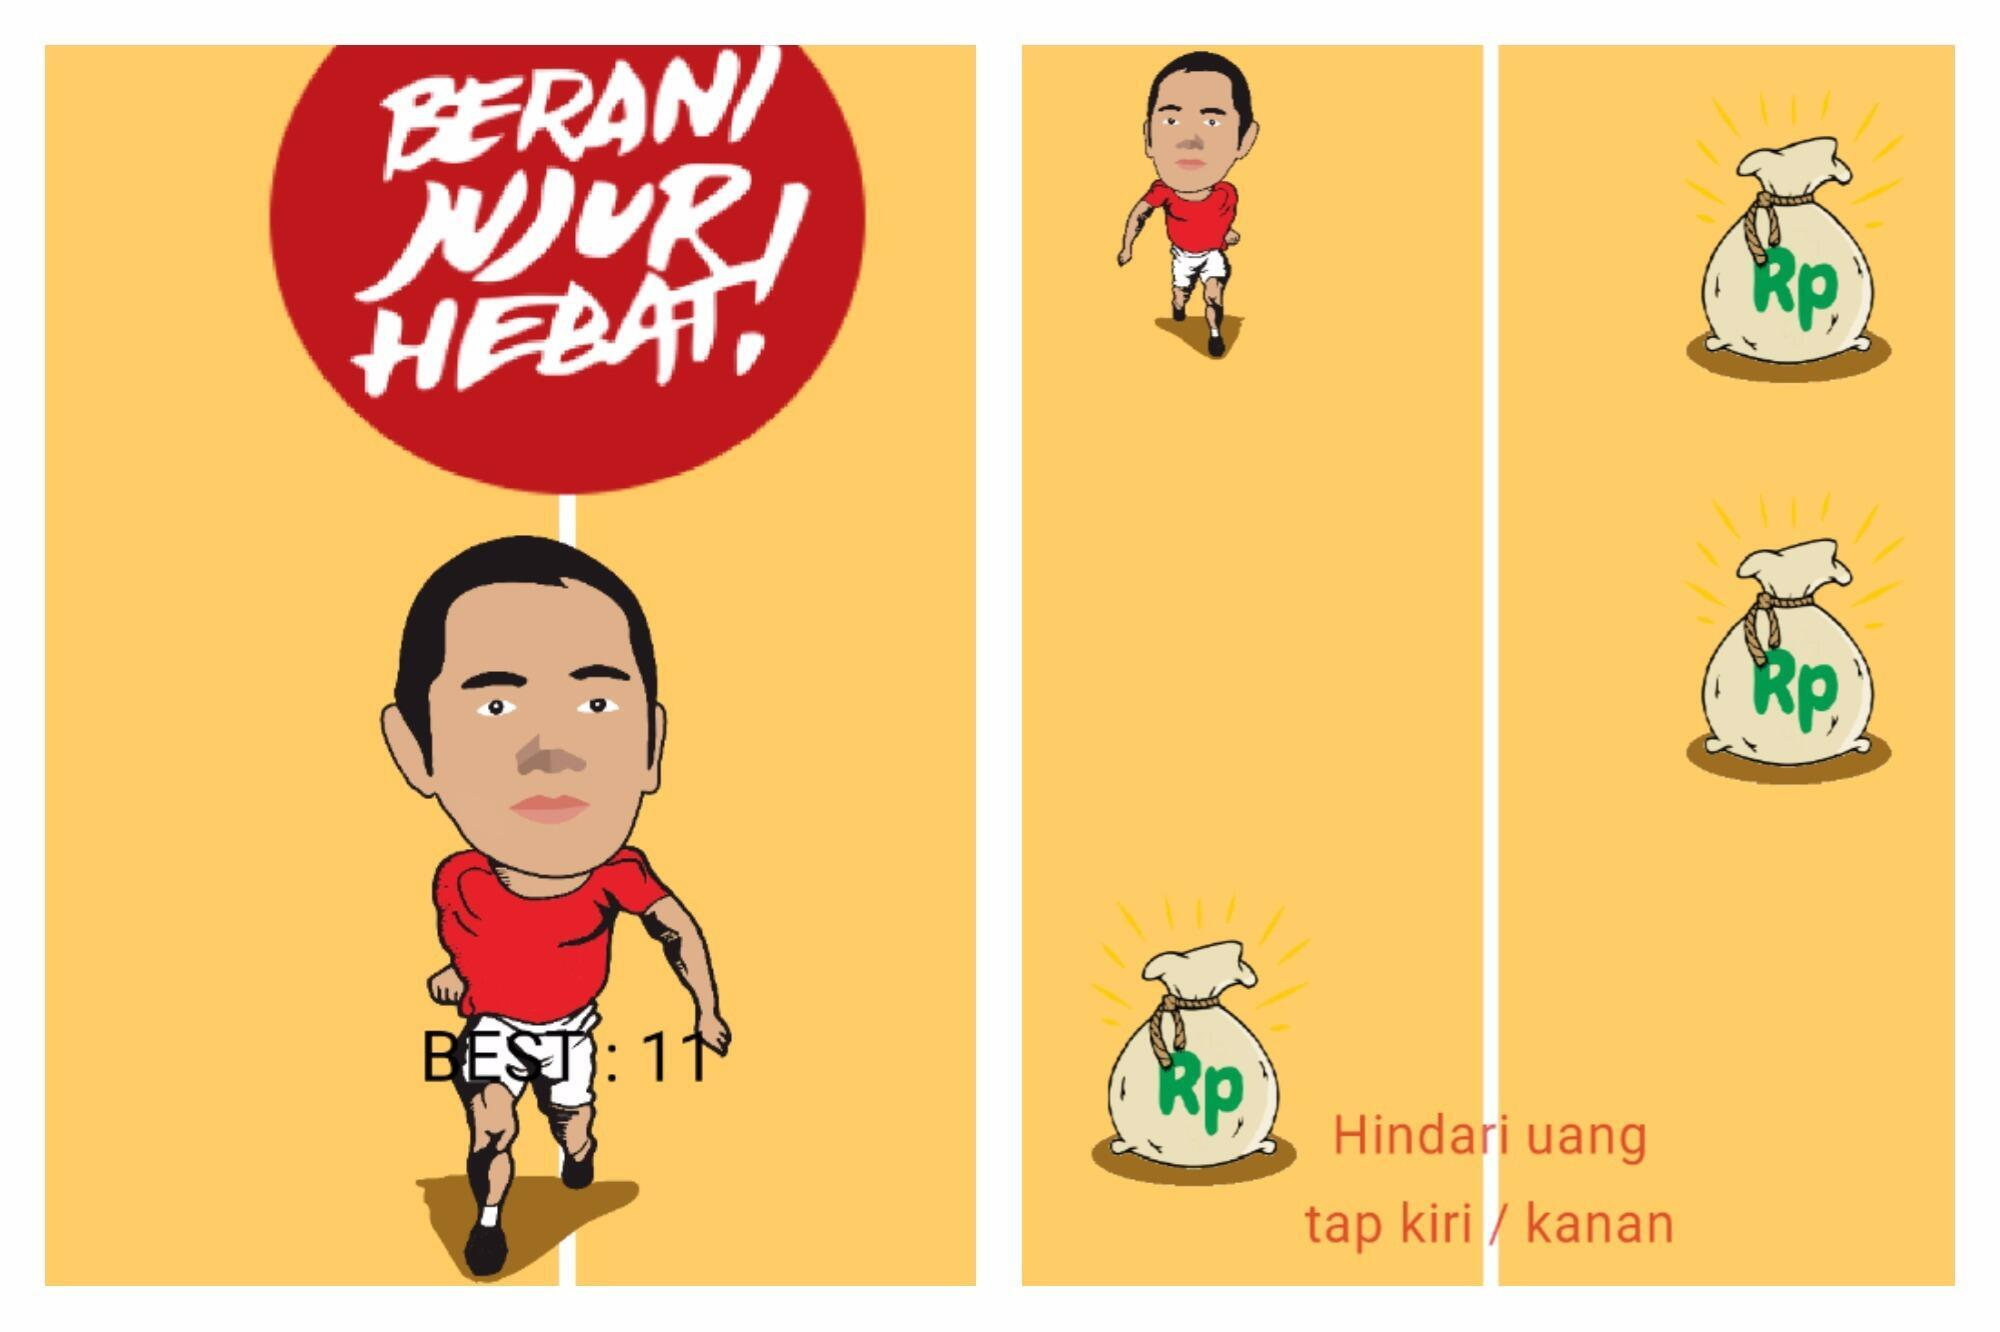 L'application AntiKorupsi vous propose d'incarner le gouverneur de Semarang dans une course d'obstacles où il doit esquiver les sacs d'argent.